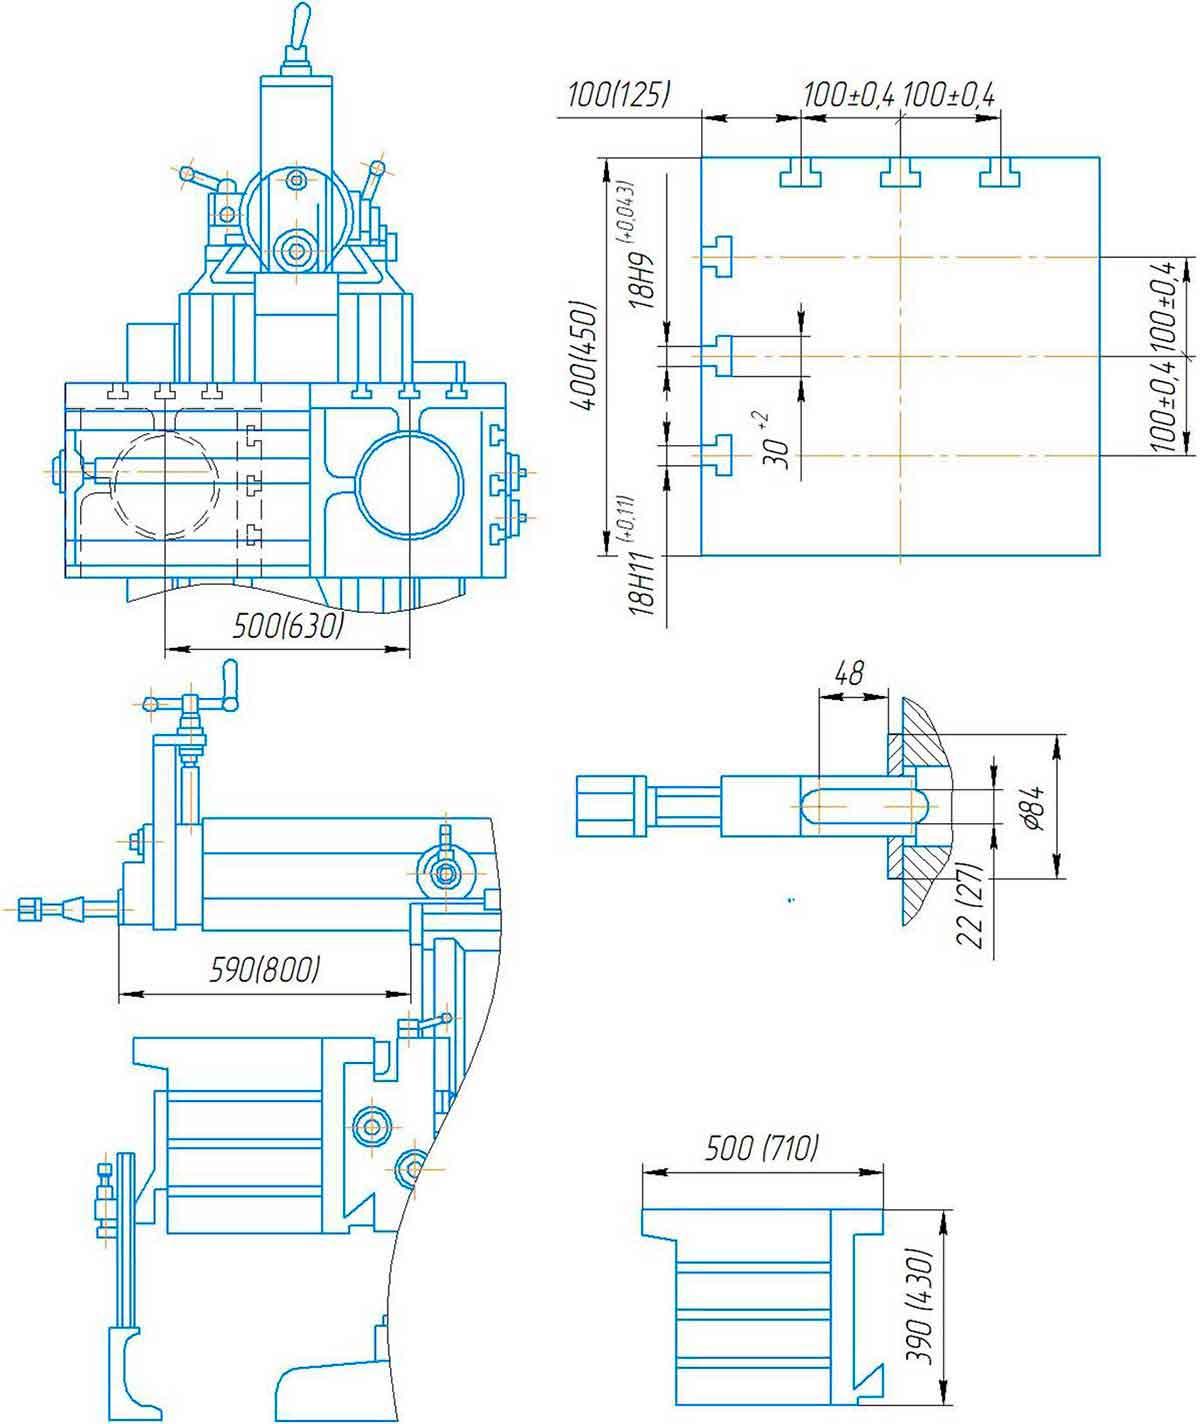 Габаритные размеры поперечно-строгального станка 7305ТД и присоединительные размеры.